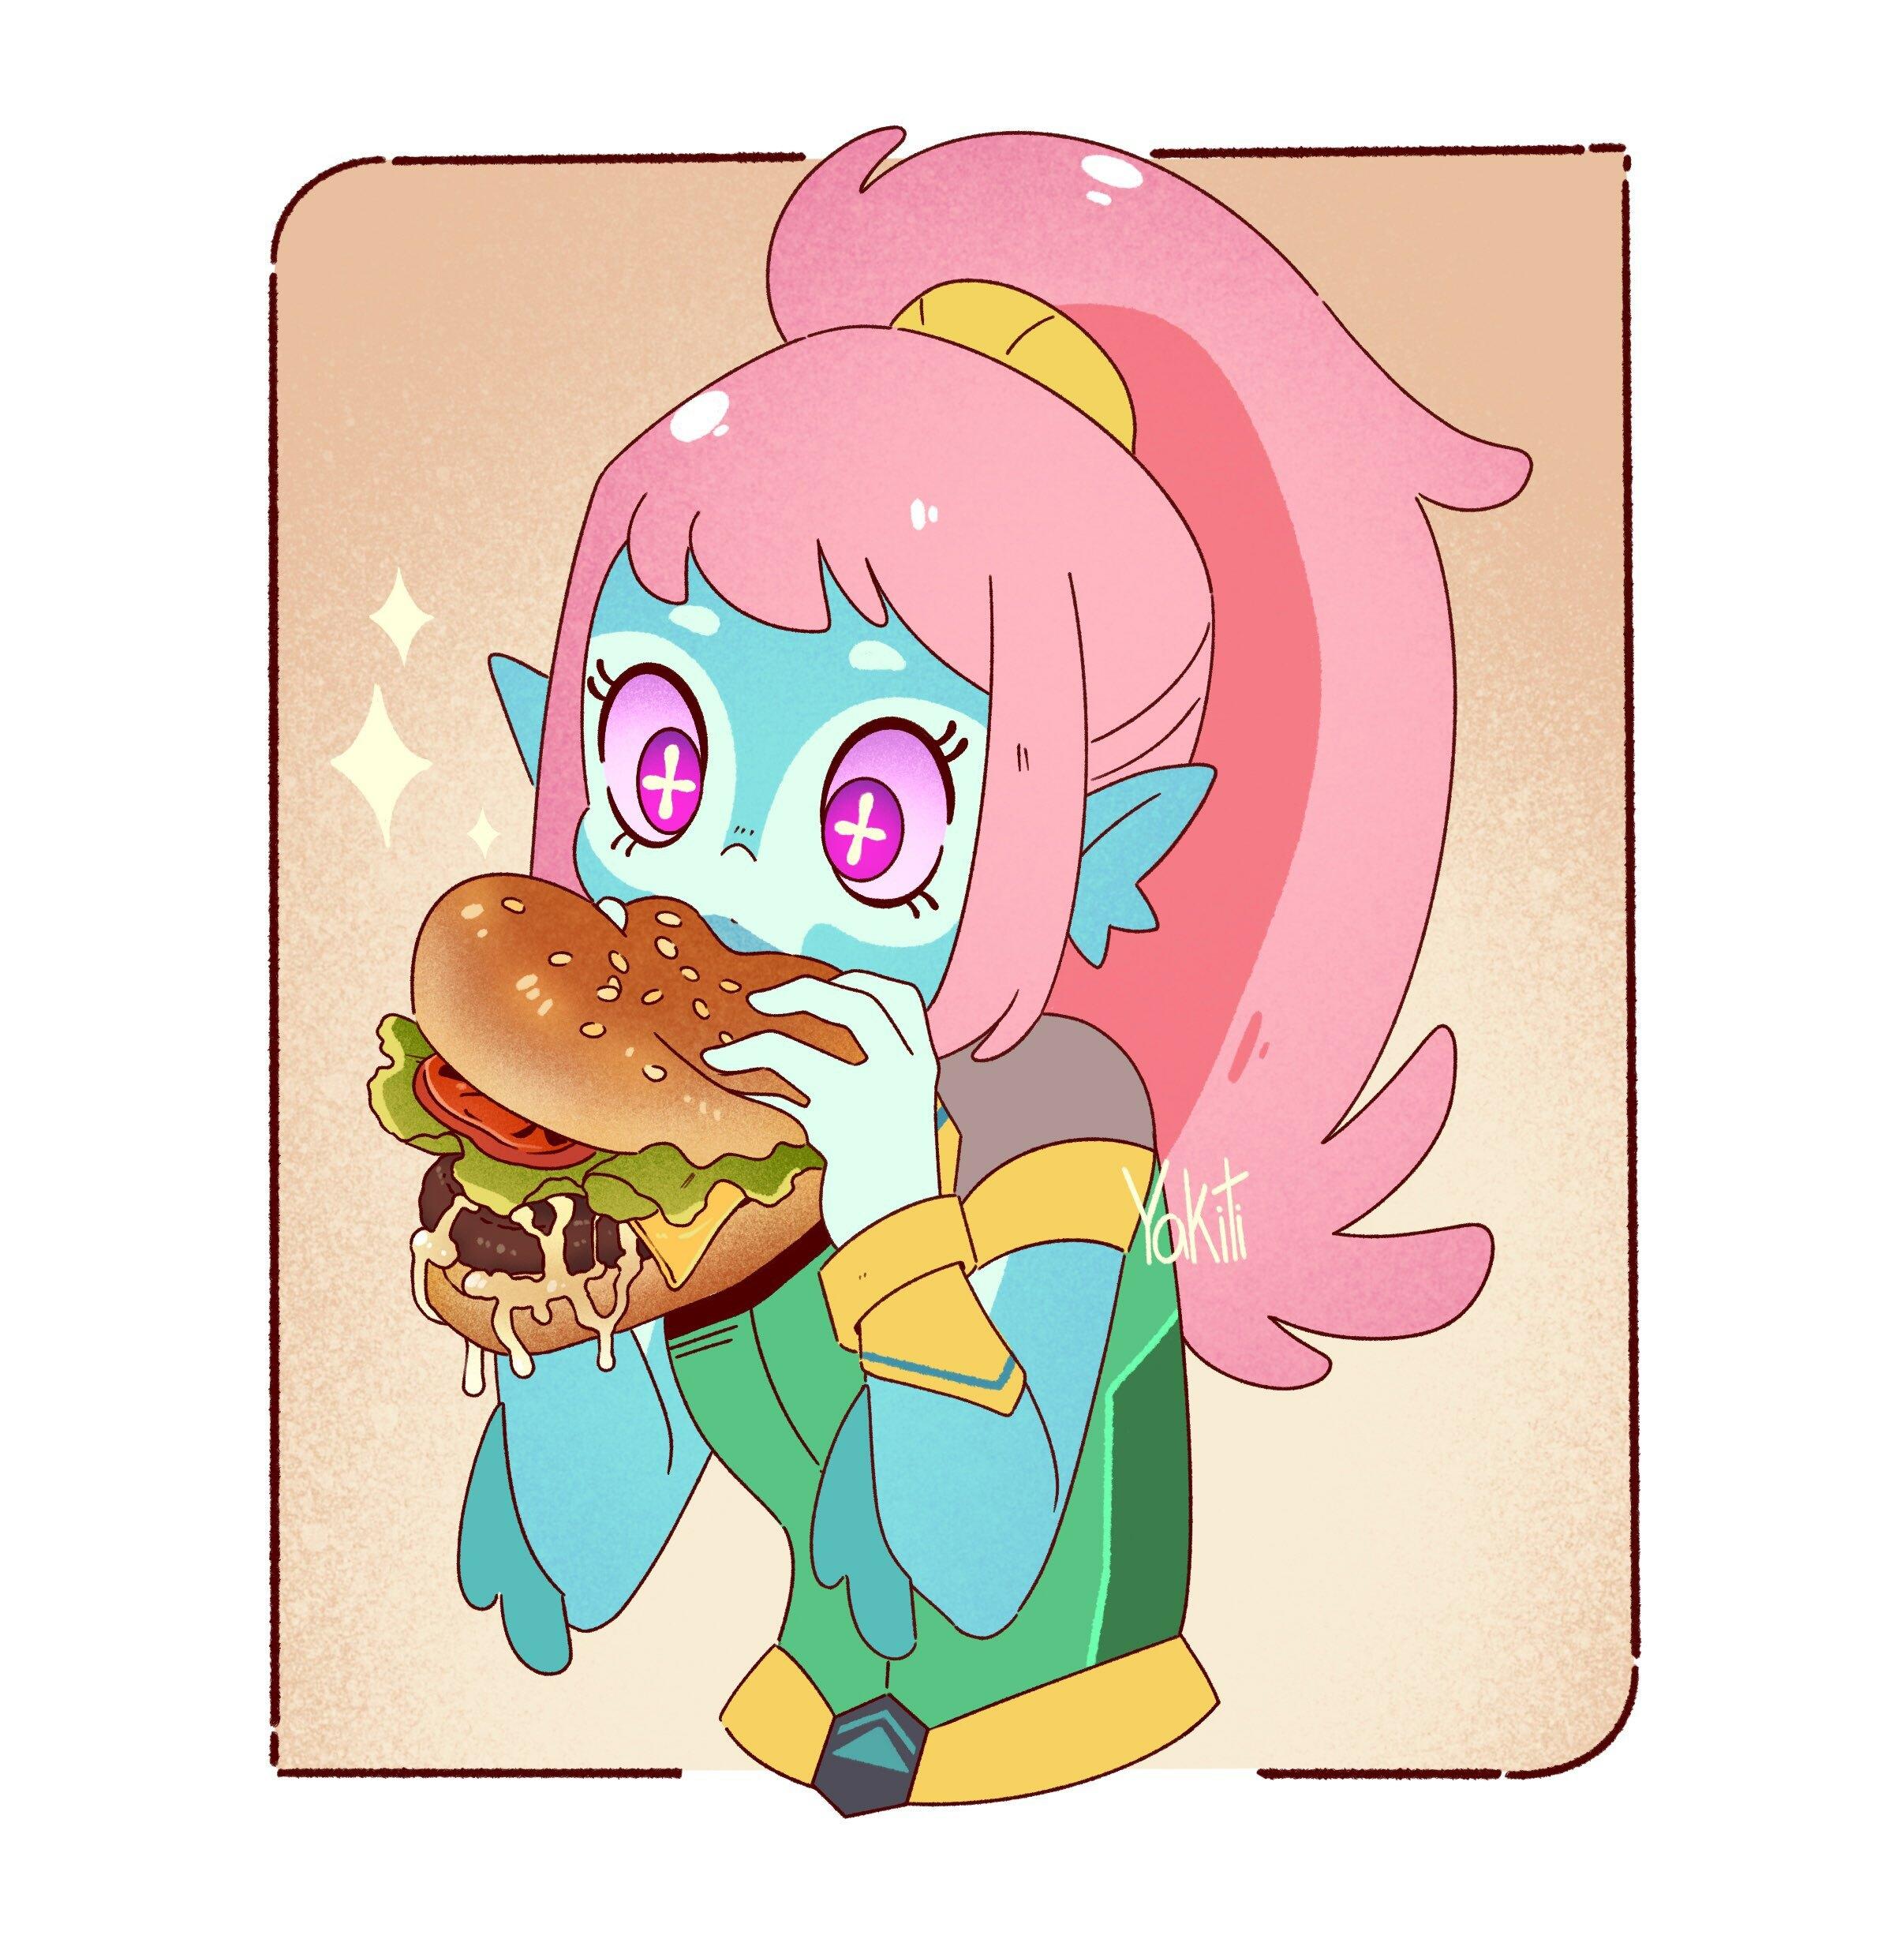 Akila eating Borger 🍔✨